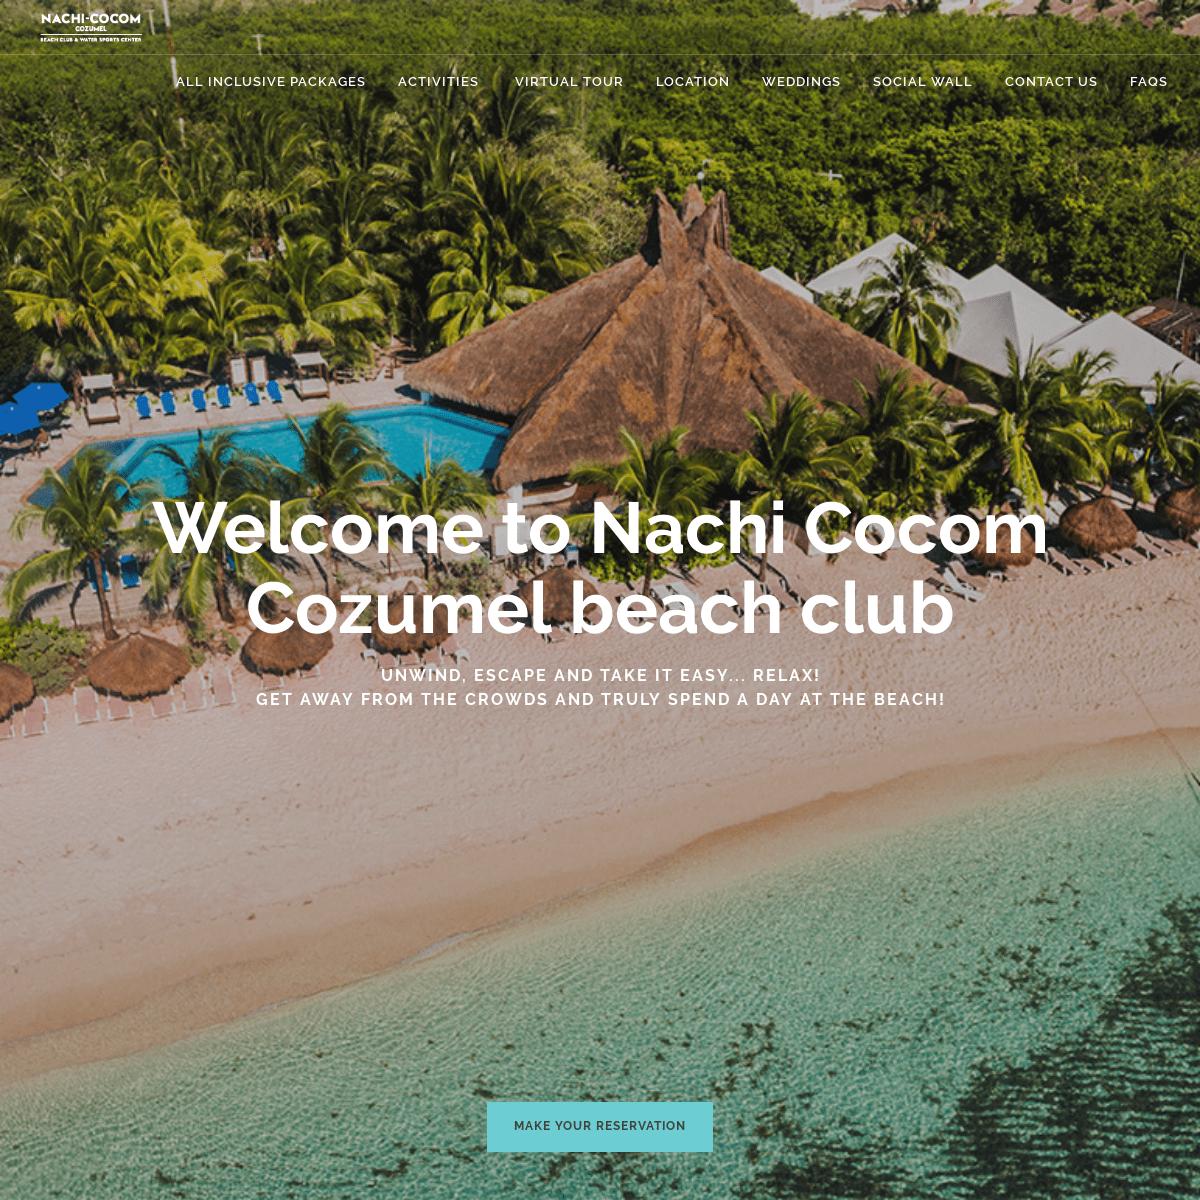 Welcome to Nachi Cocom Cozumel beach club